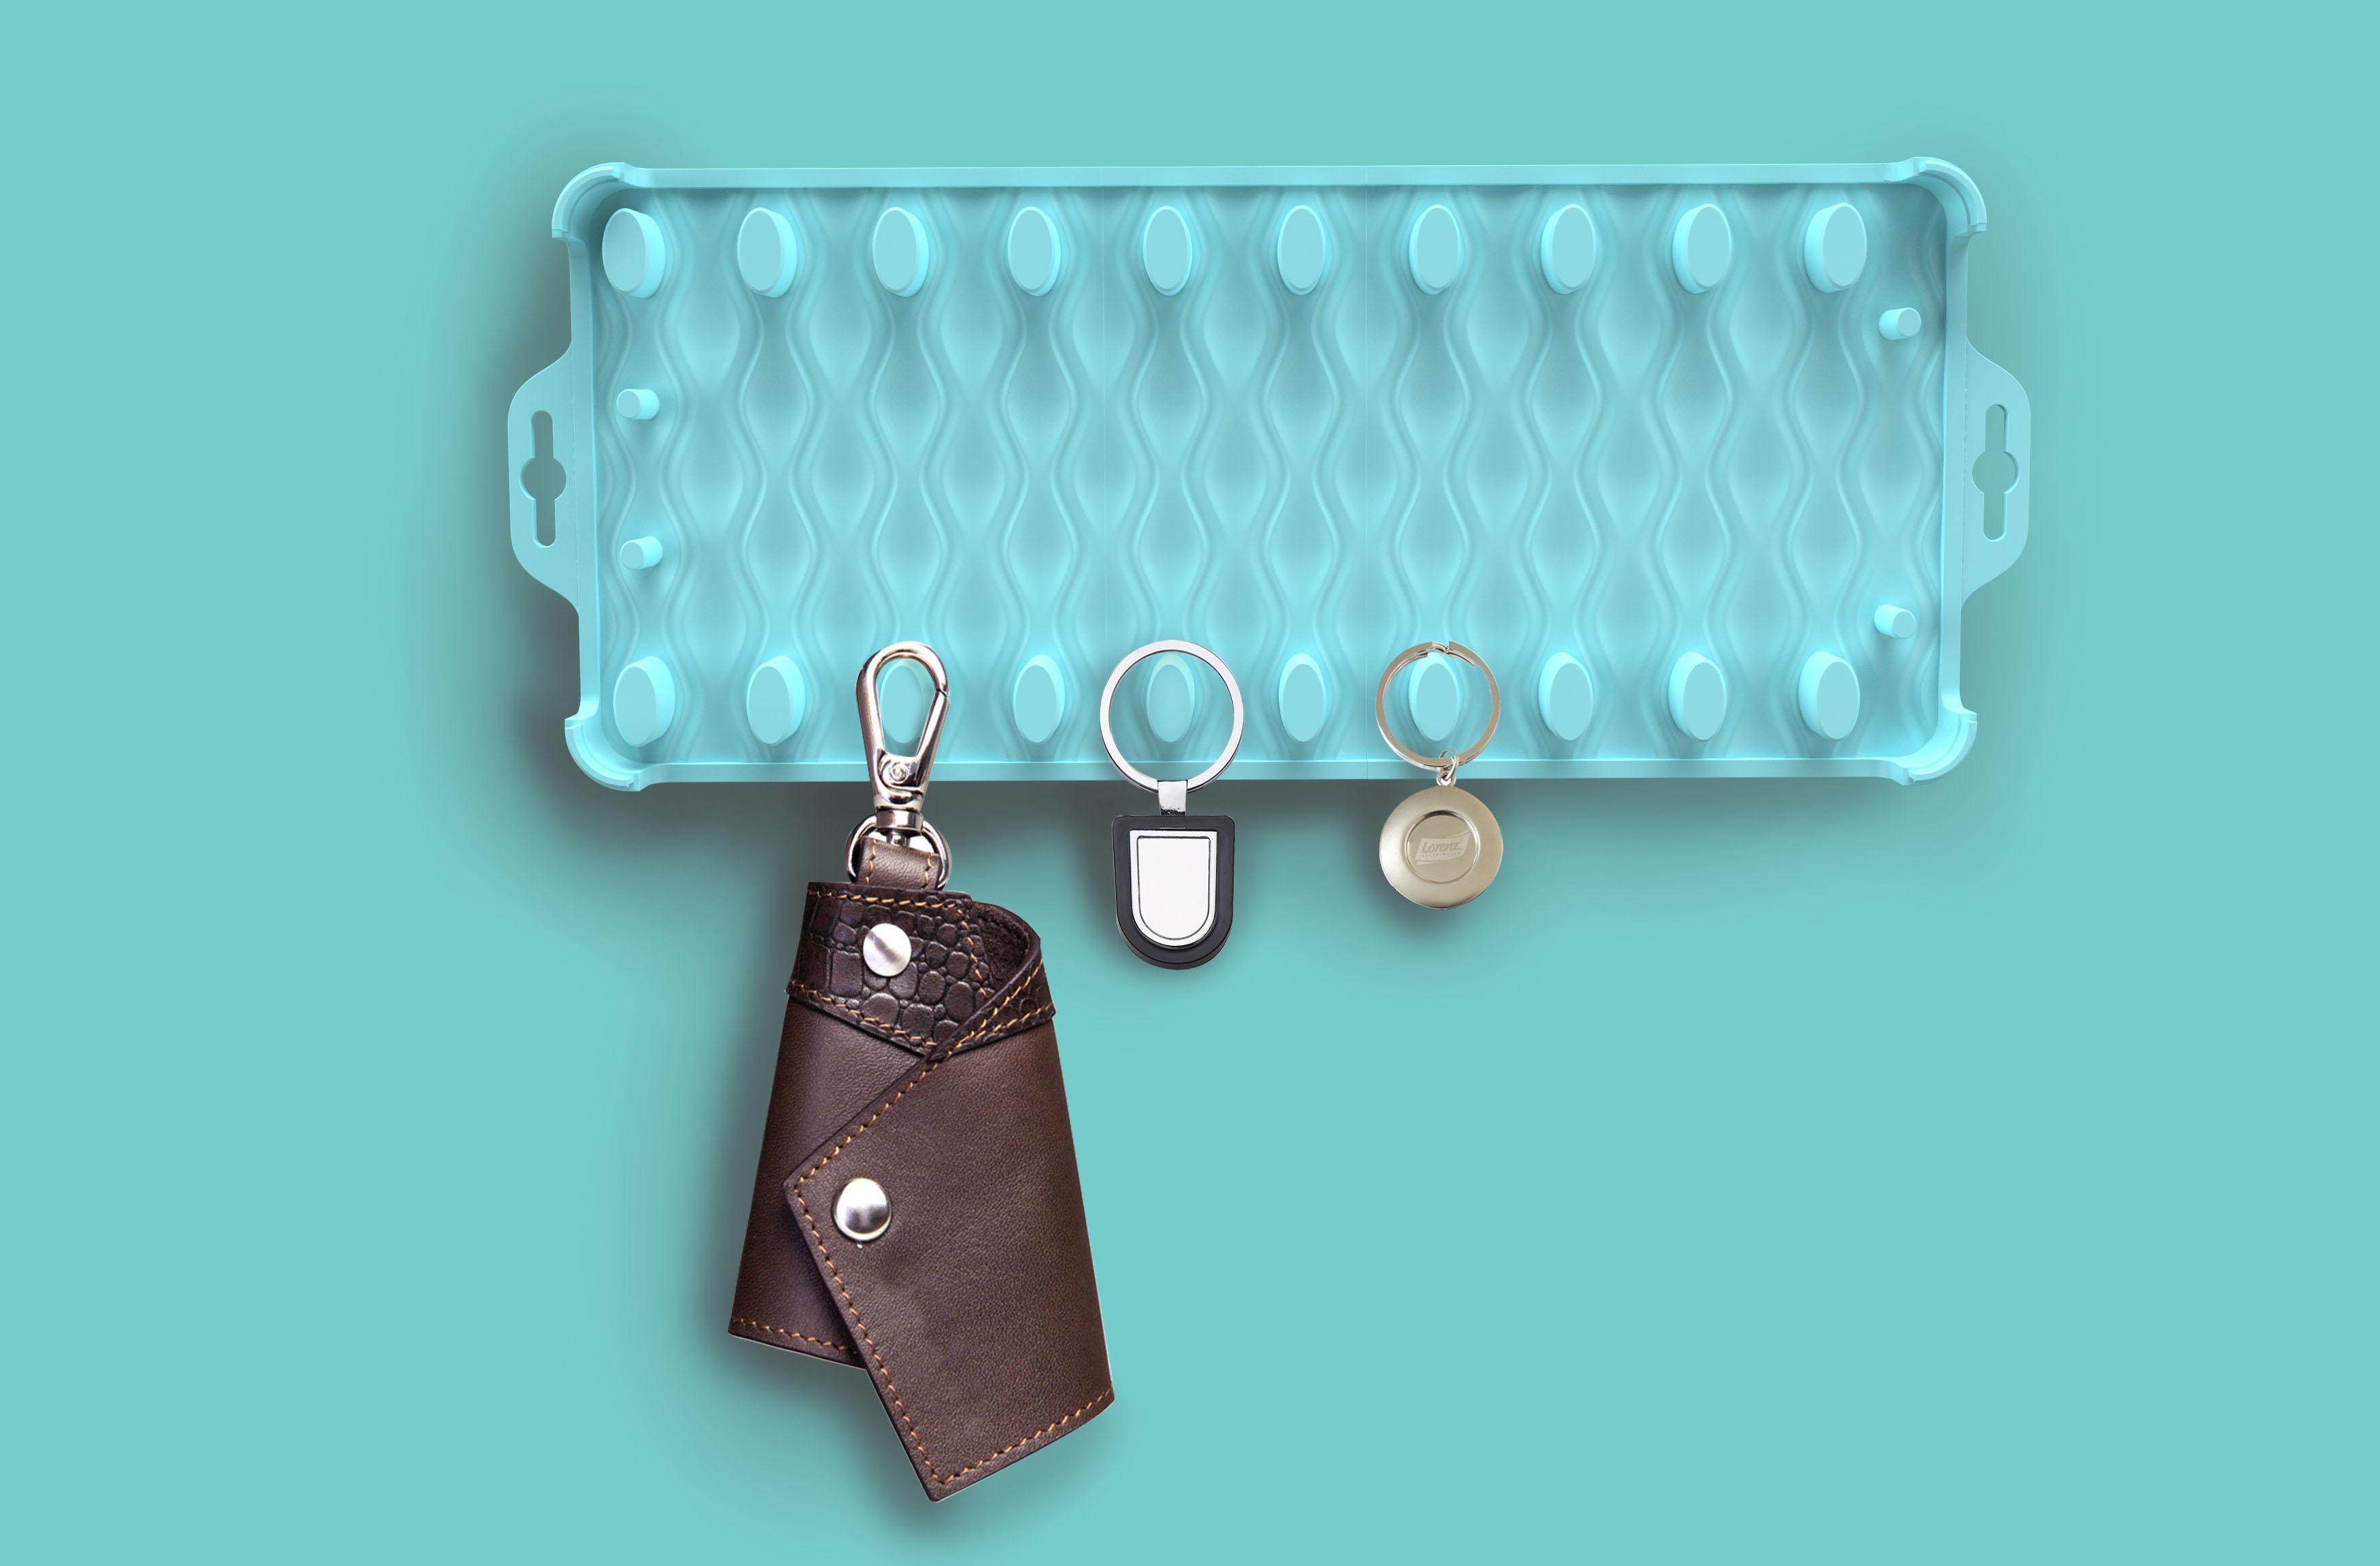 理线排插1_产品设计-来设计